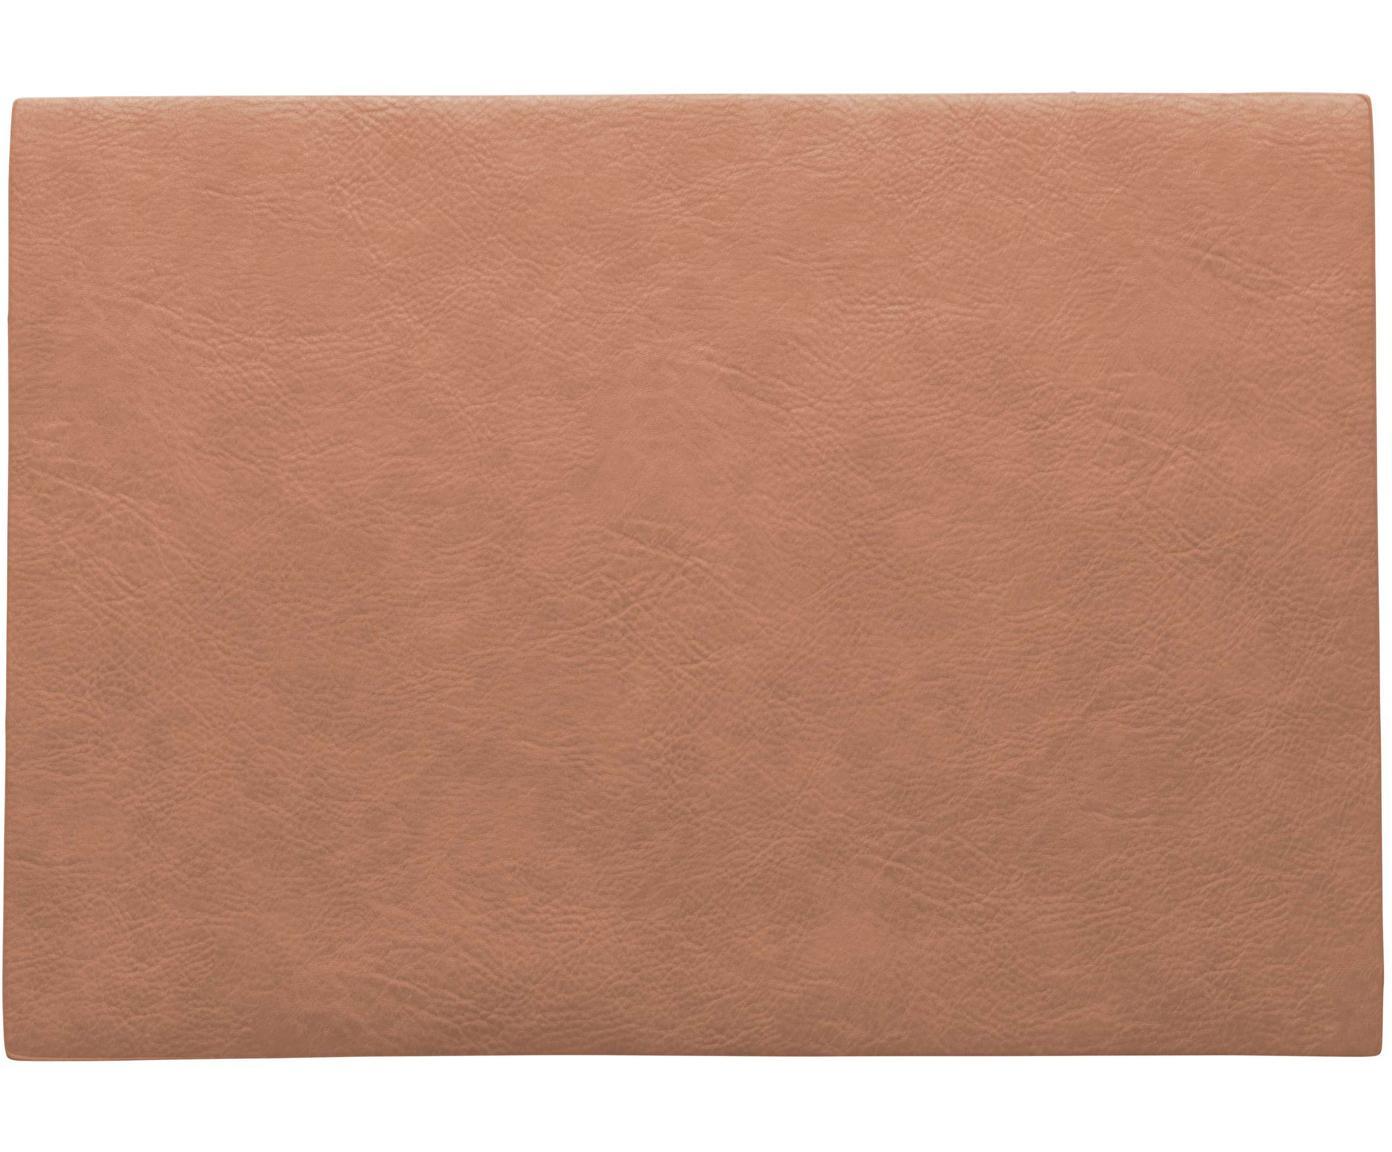 Placemats Plini van kunstleer, 2 stuks, Veganistisch leer, polyurethaan, Koraalrood, 33 x 46 cm